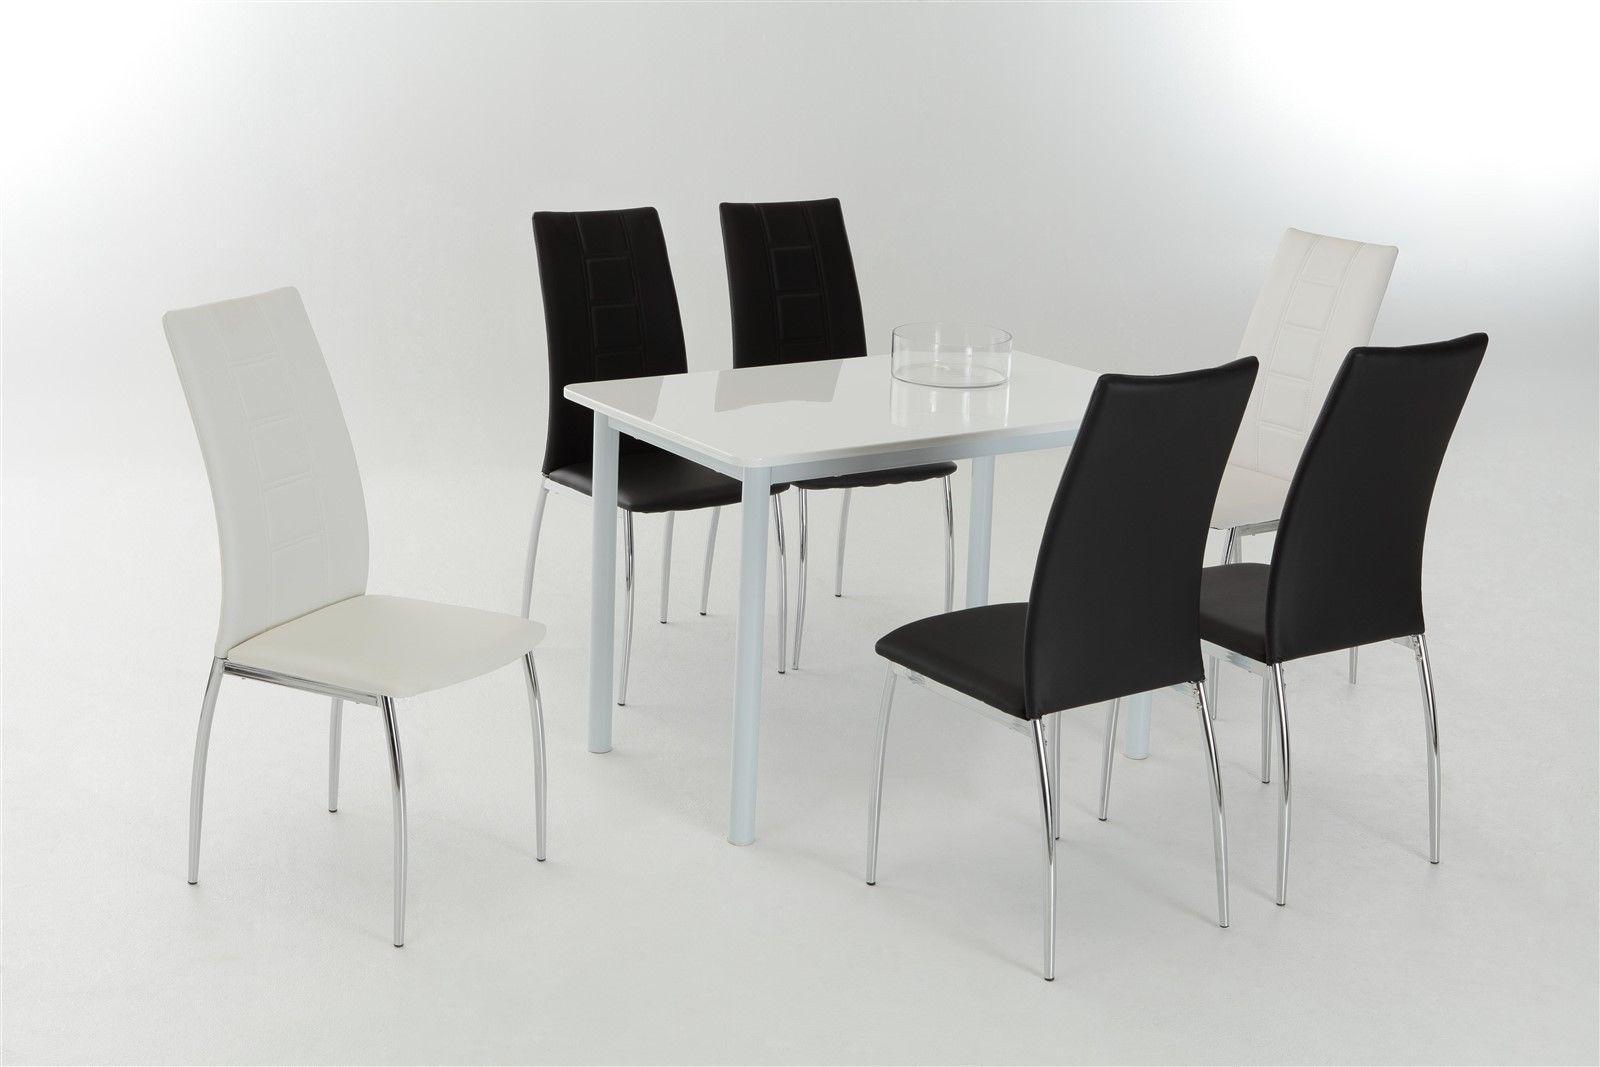 esstisch 110x70 interesting esstisch mit sthle von maco esstisch x cm amazonde kche u haushalt. Black Bedroom Furniture Sets. Home Design Ideas